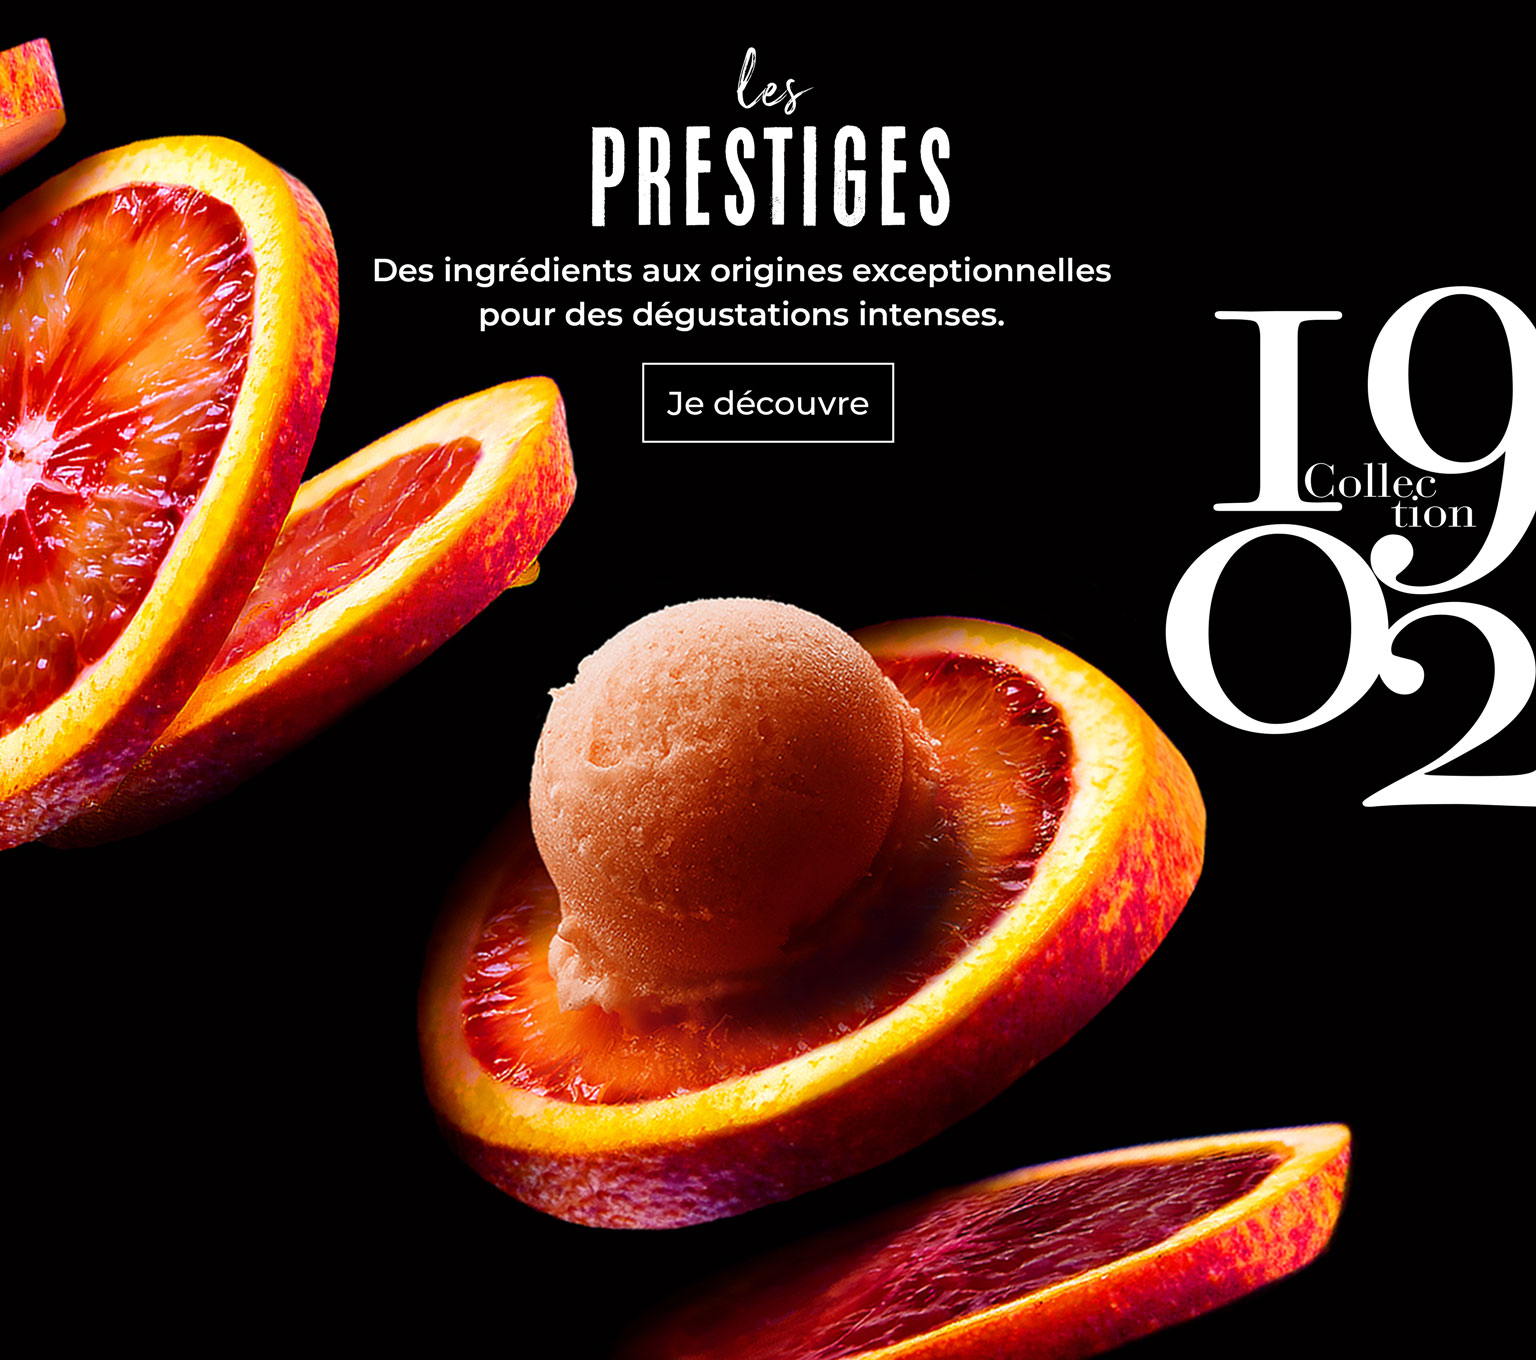 Découvrez les glaces prestiges de la collection 1902 !